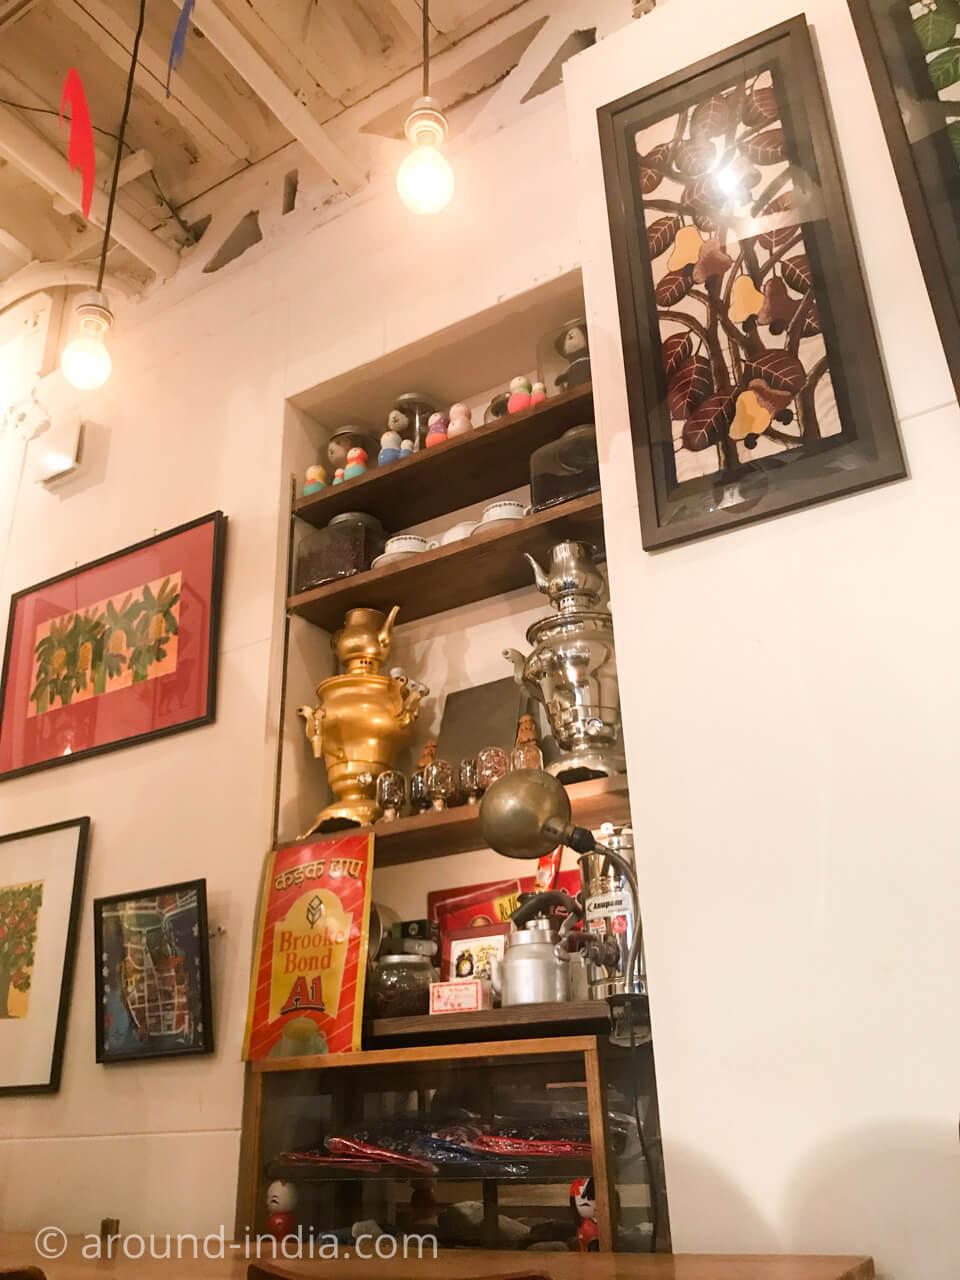 スリランカ紅茶 シンハ 横浜 店内